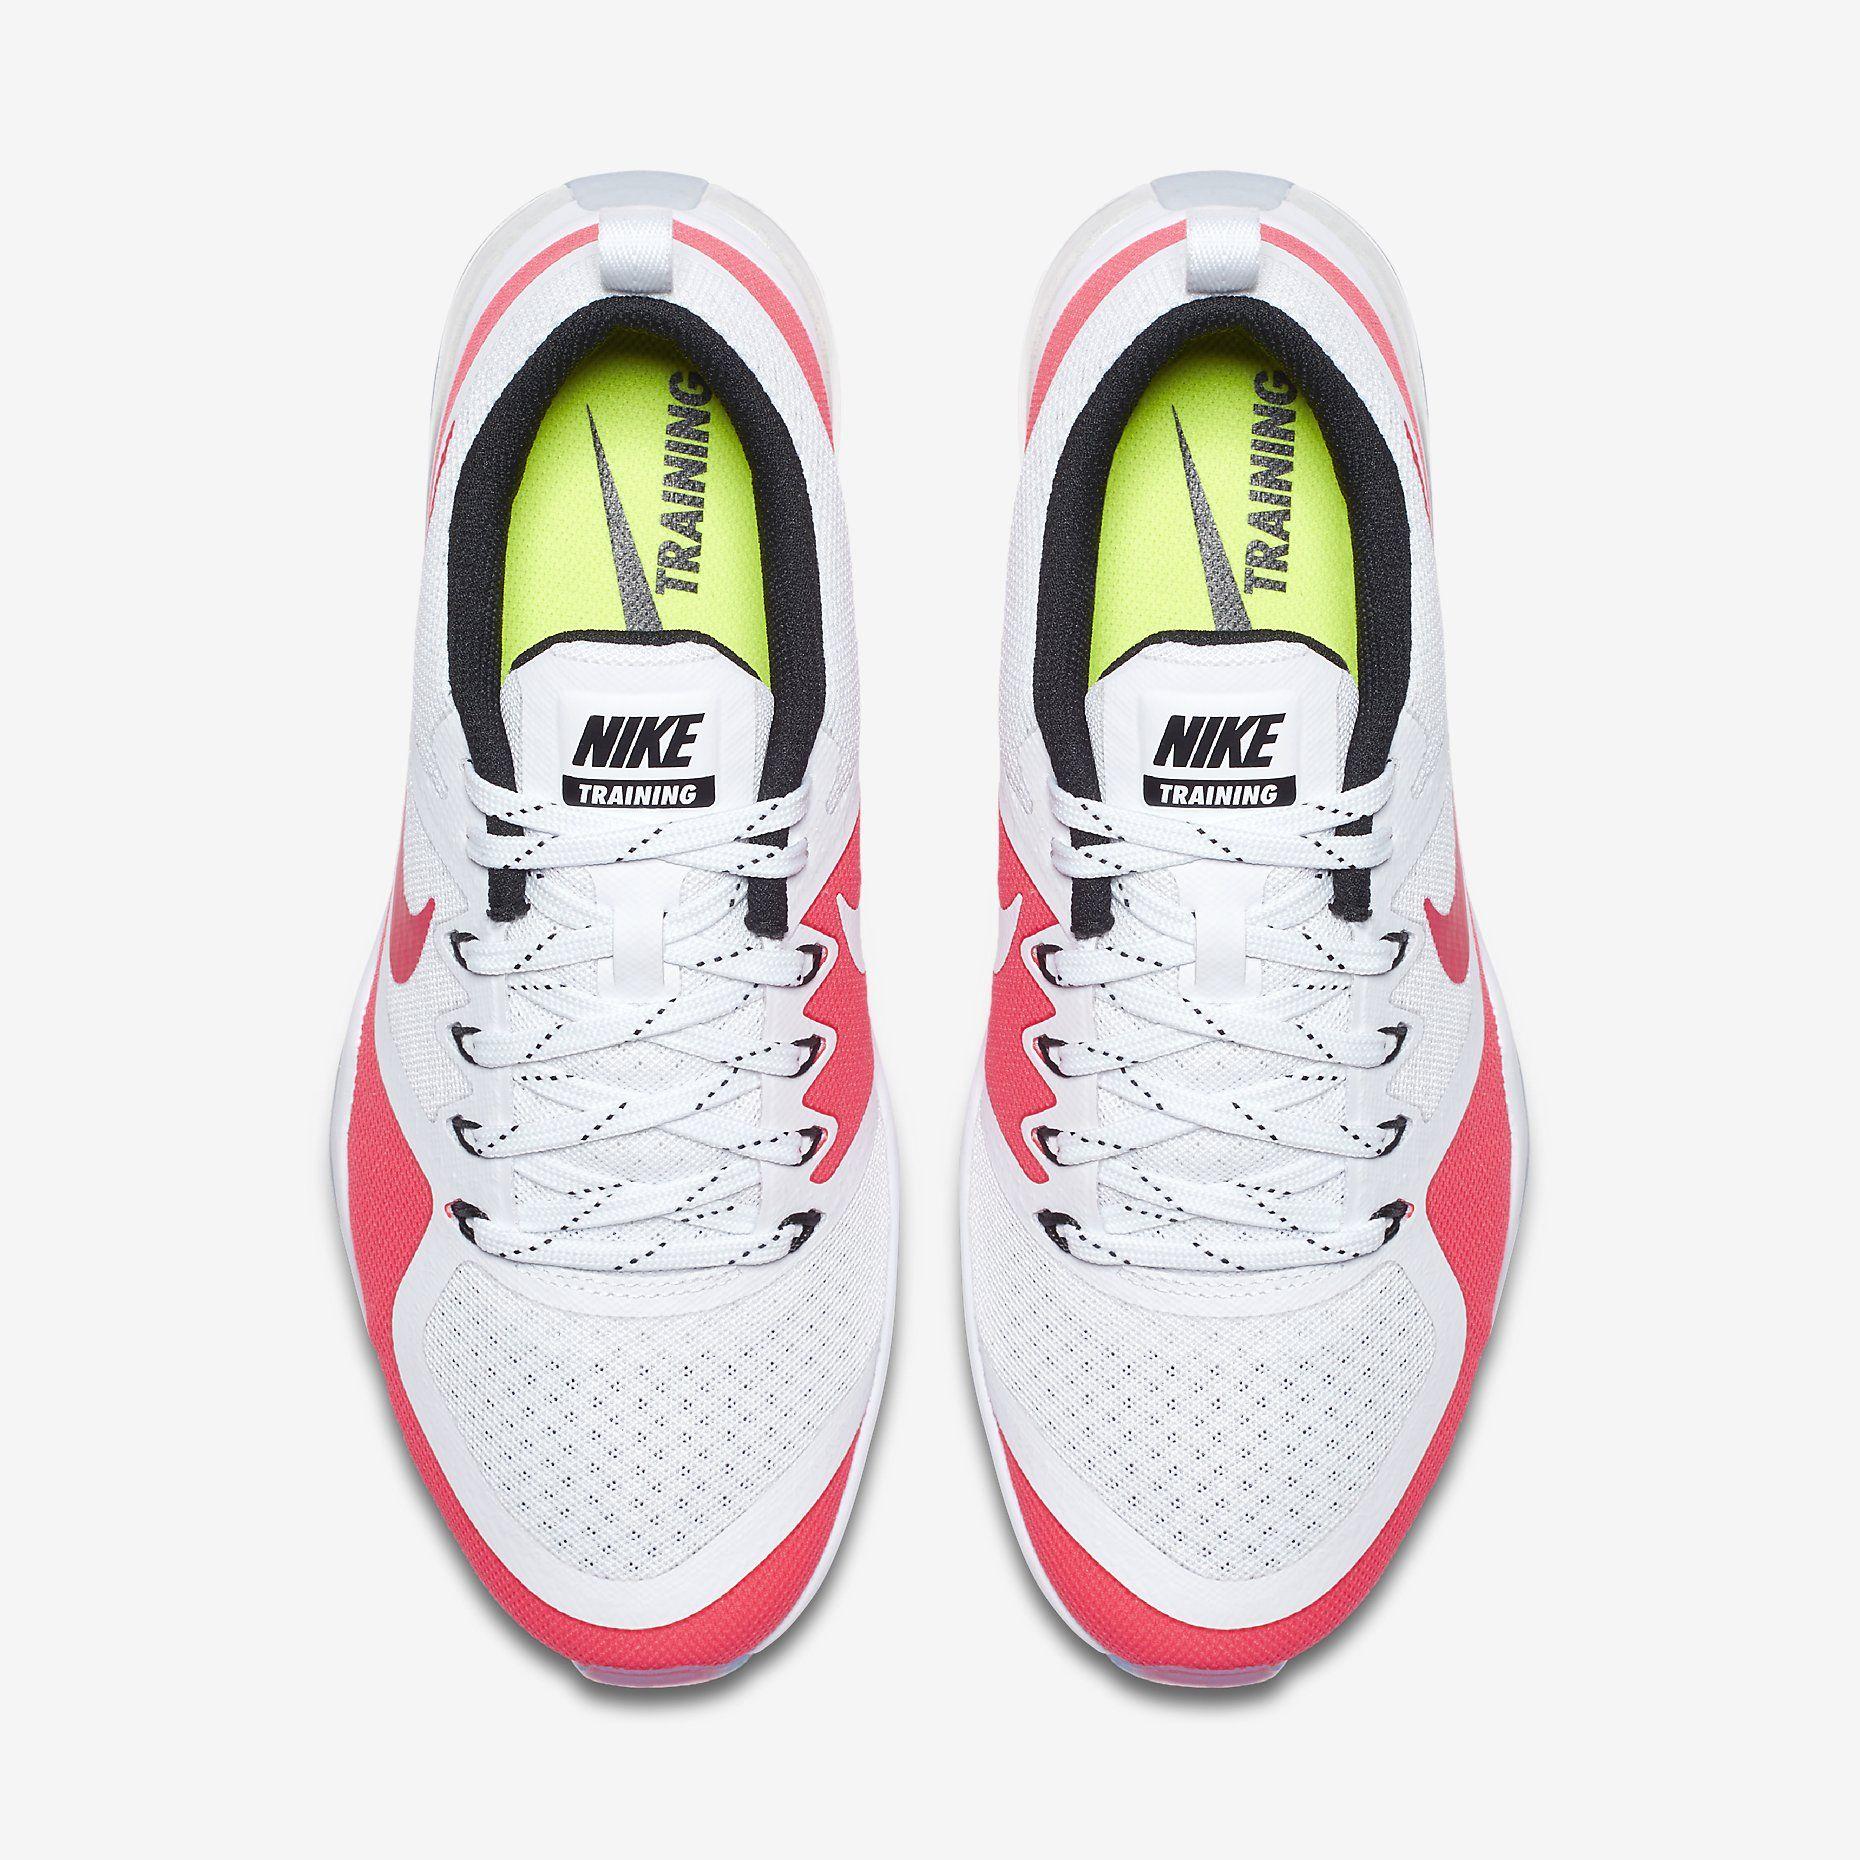 free shipping 33777 932d2 Produkter som skapats för maximal prestanda vid tävling, träning och till  vardags. Shoppa senaste nytt på Nike.com.